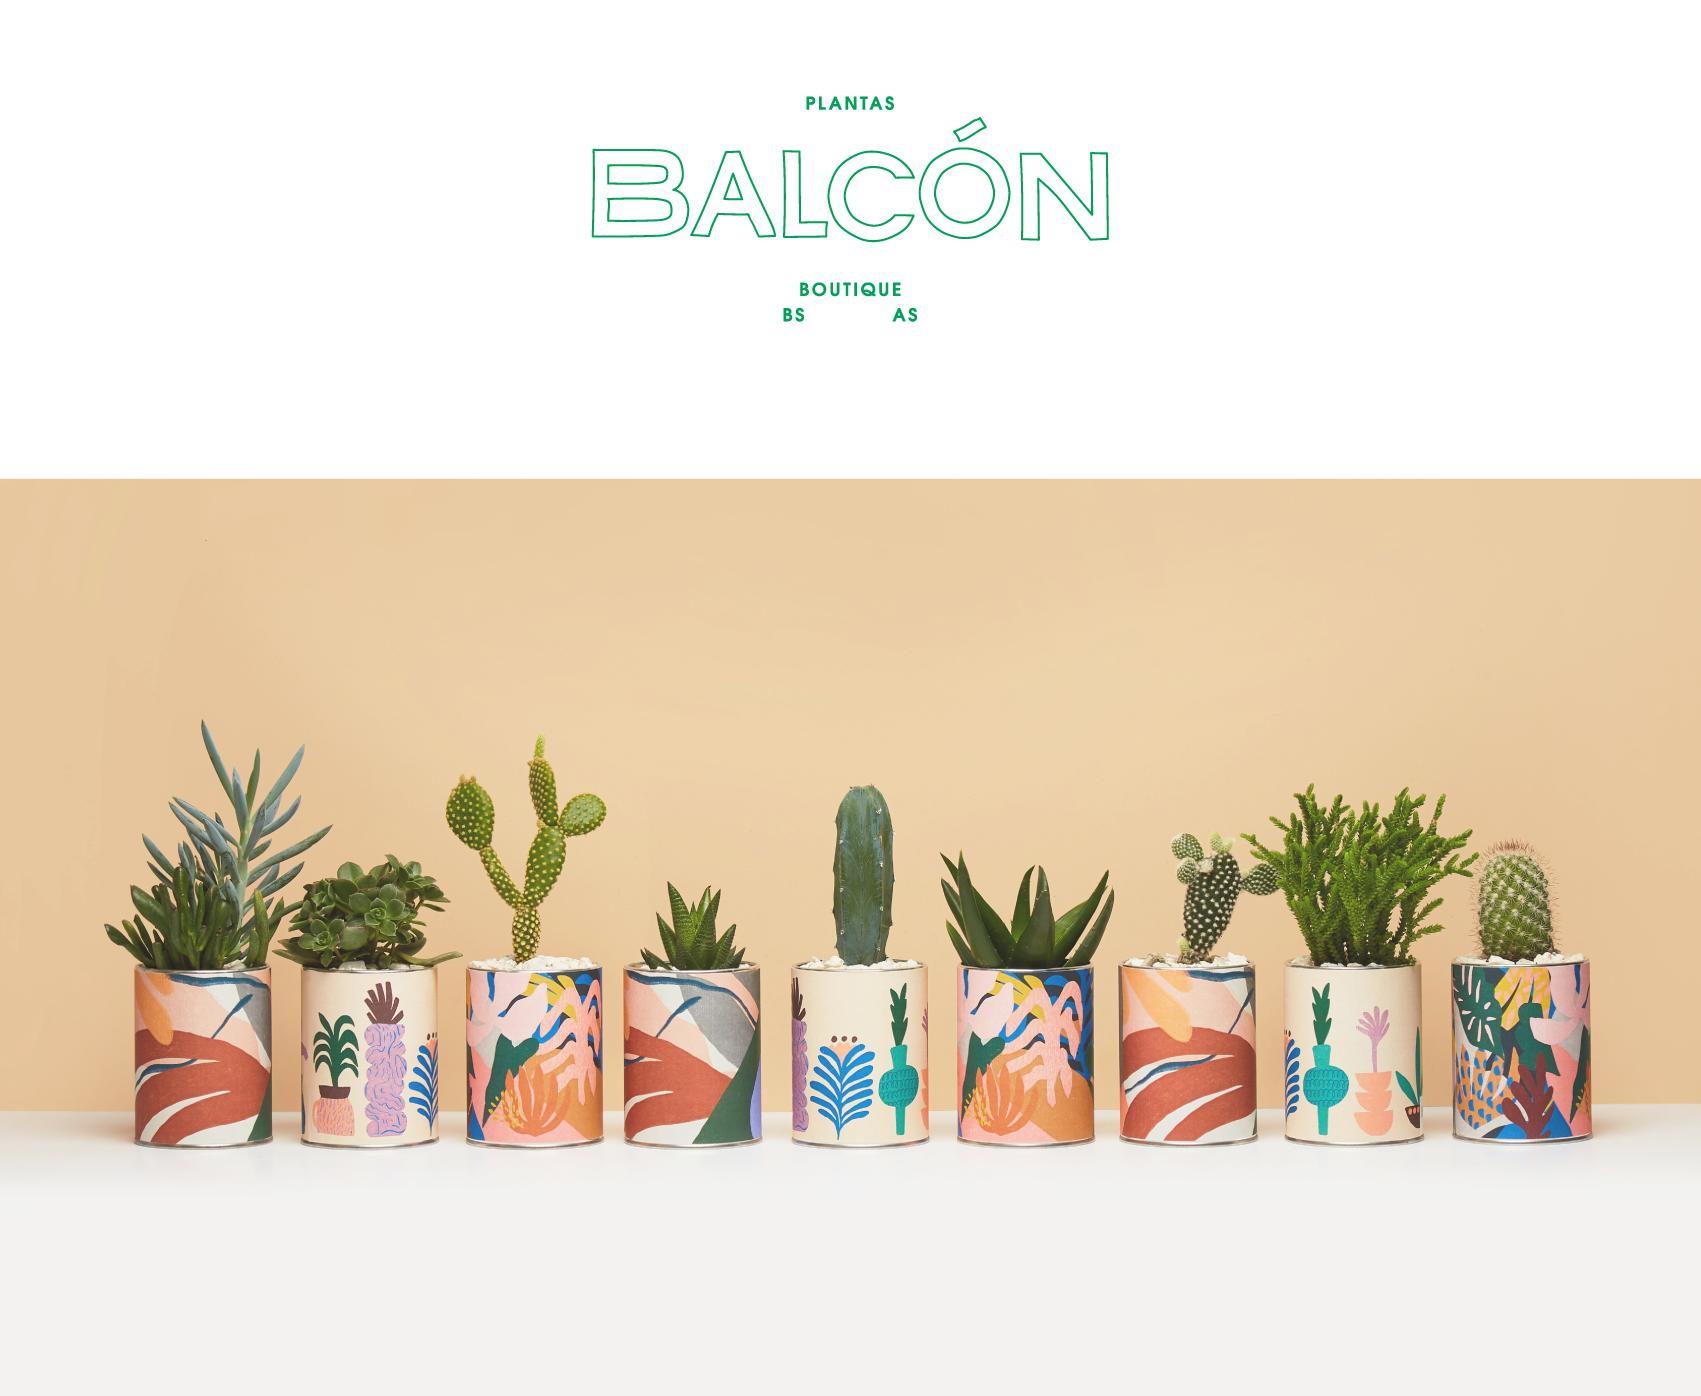 balcon-web-sofi-01